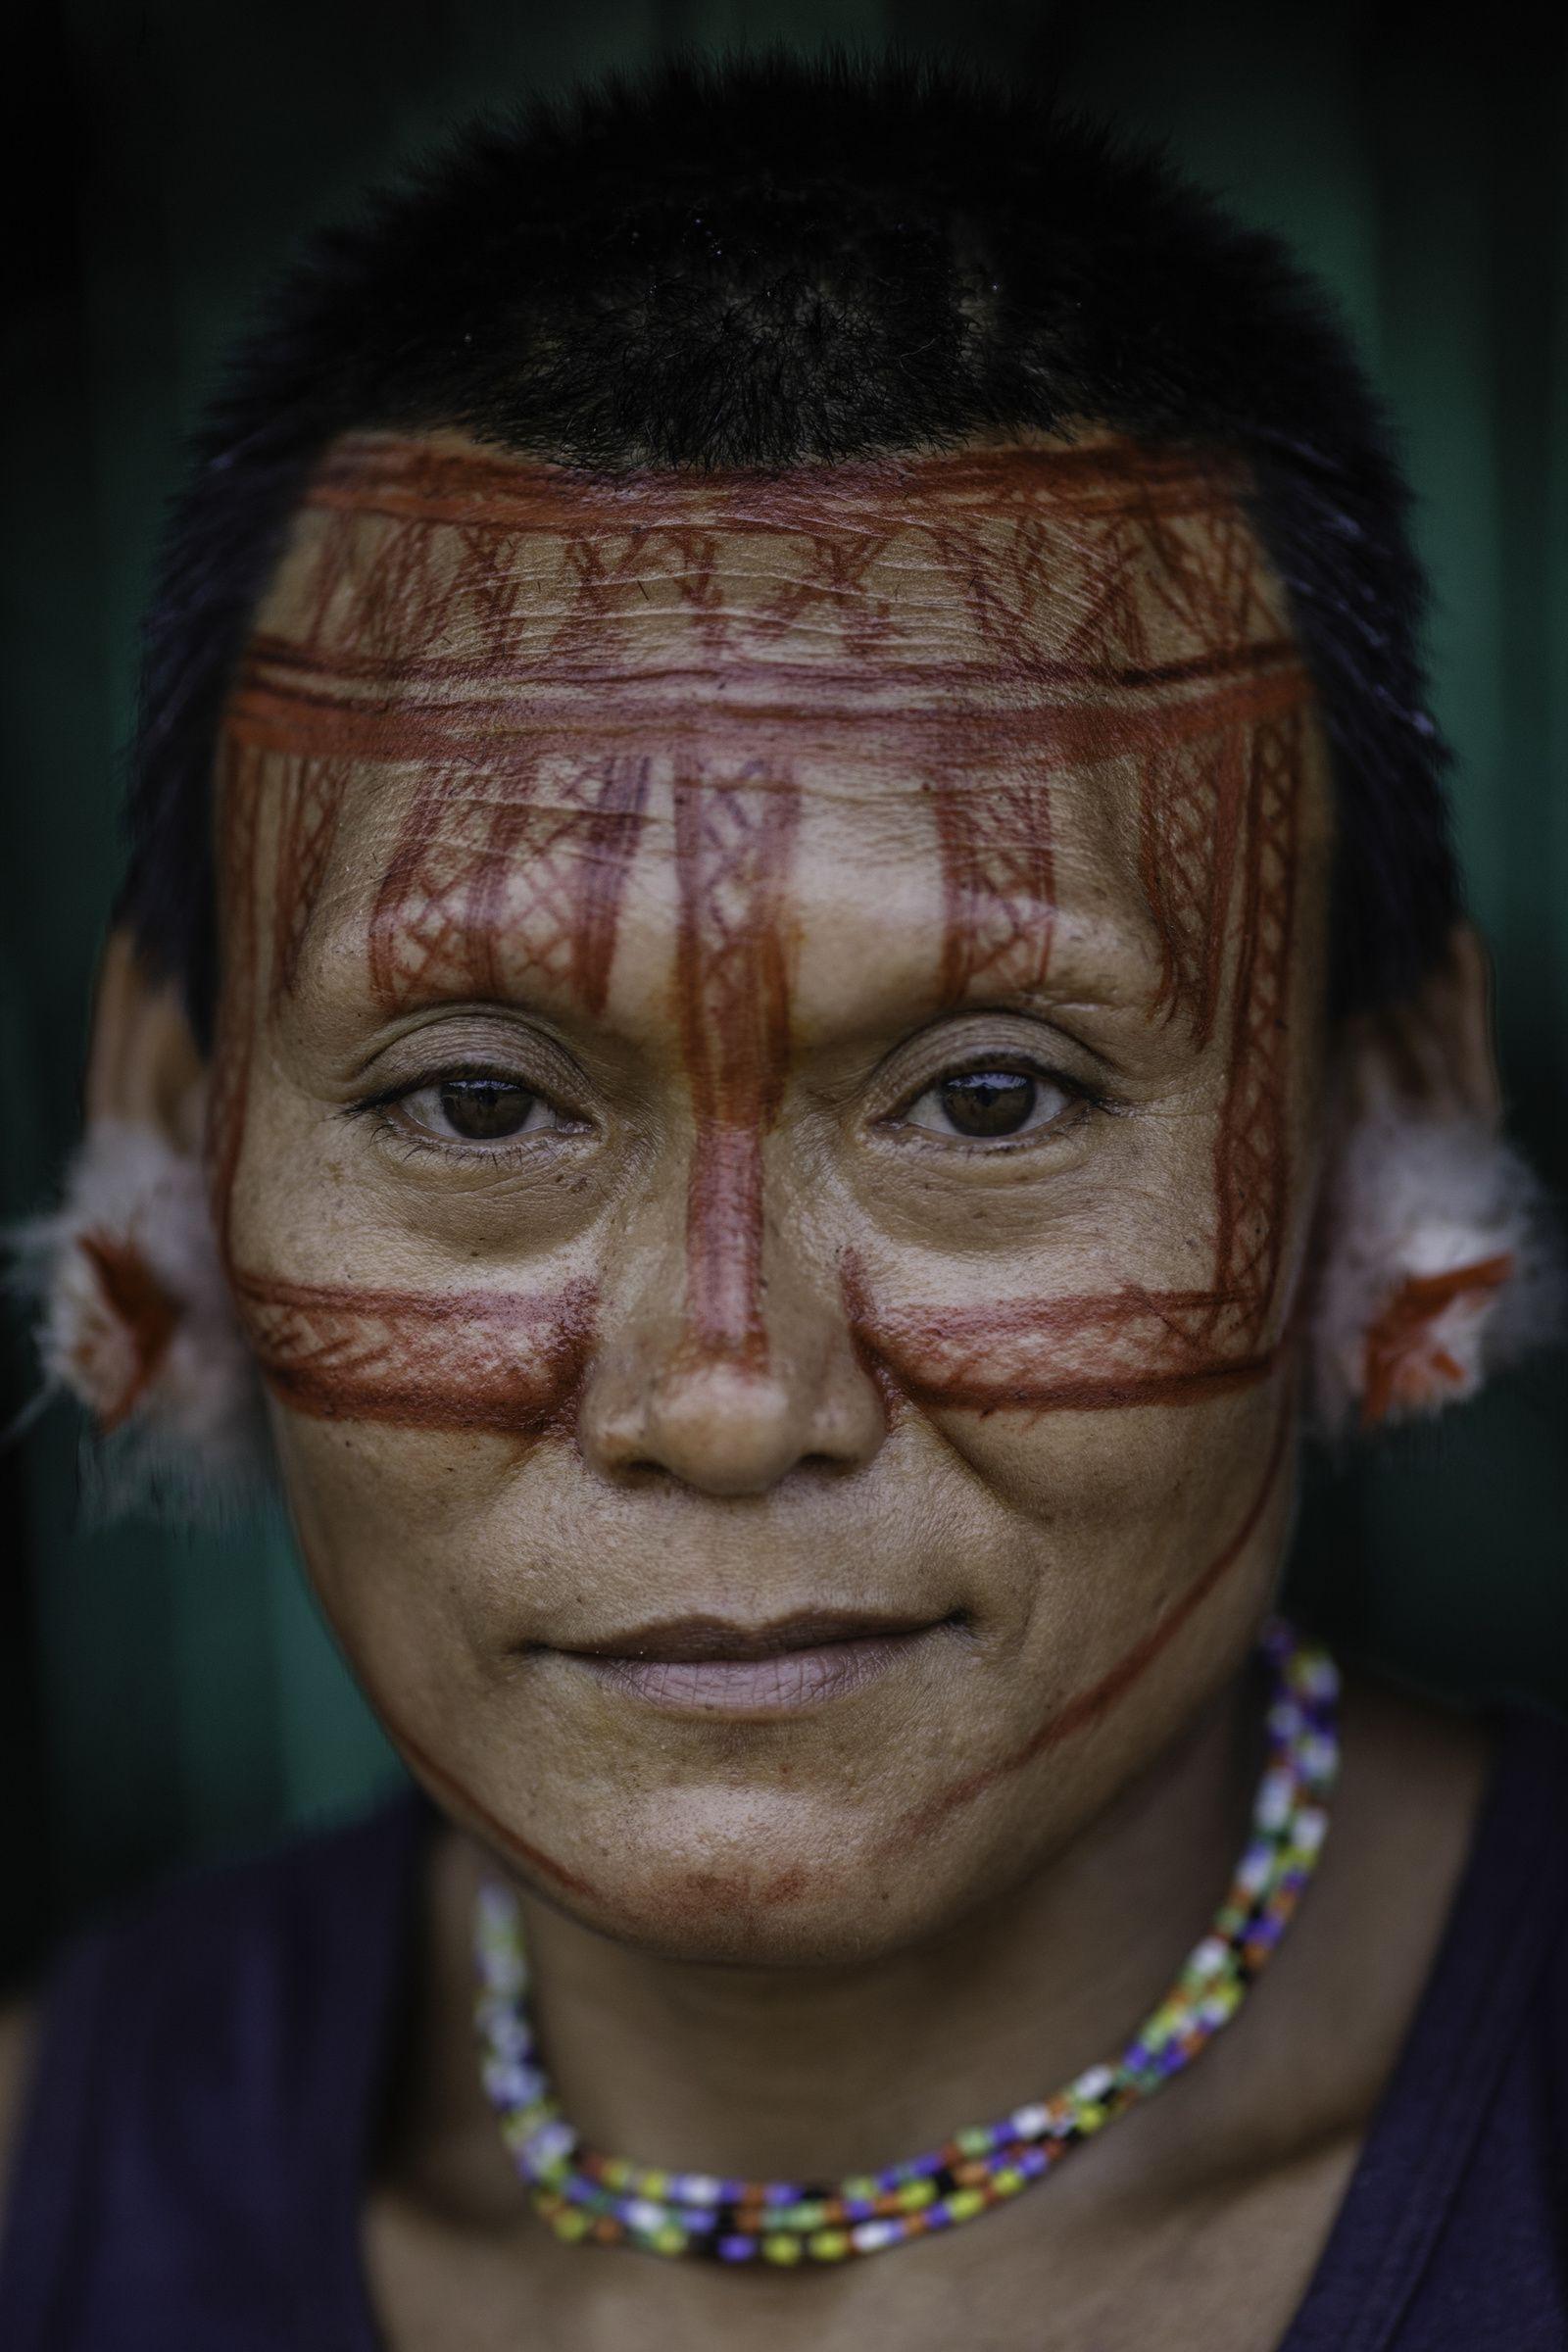 indigenas clombianos - Buscar con Google